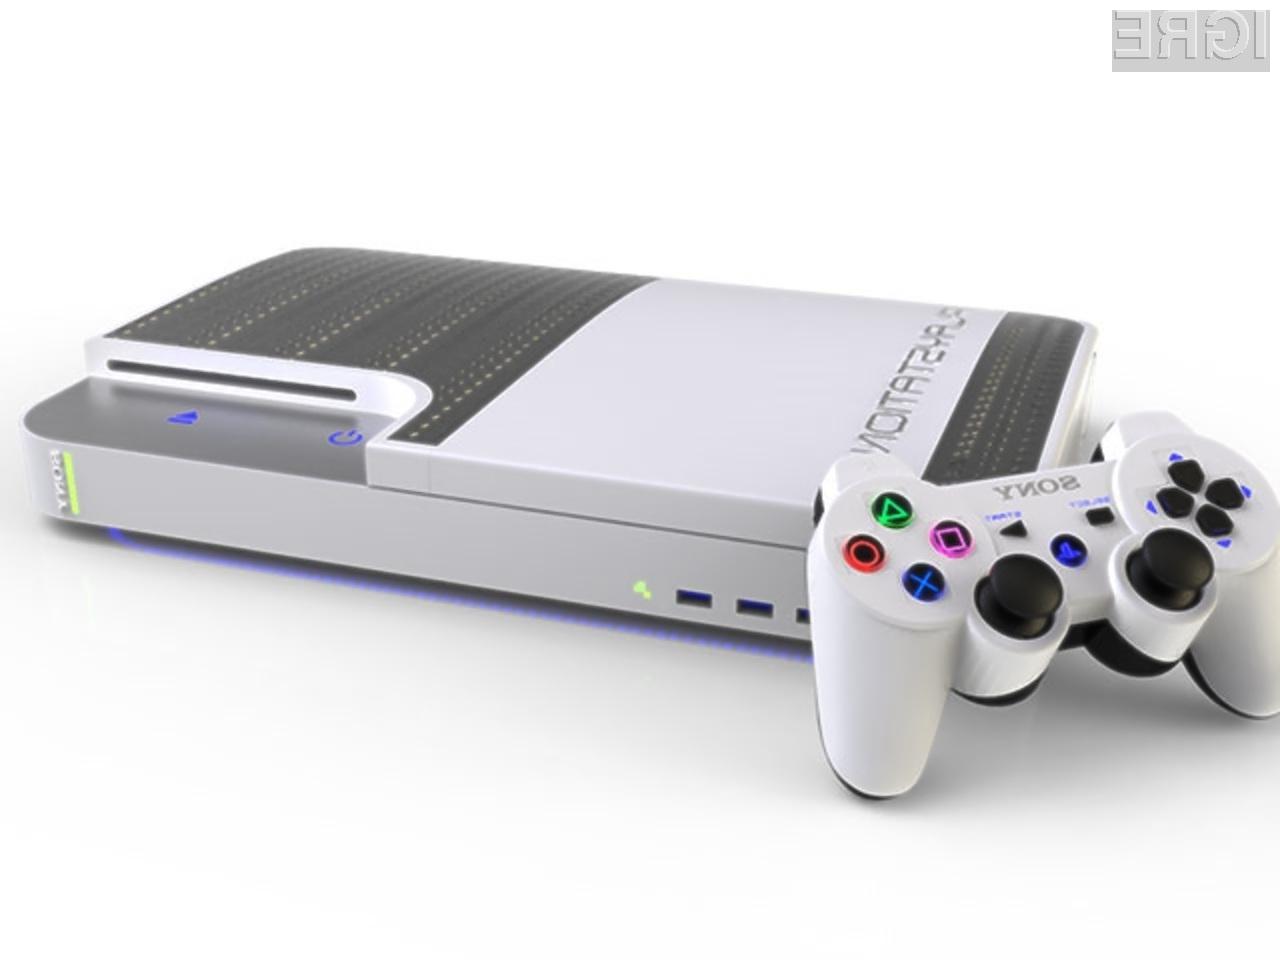 Za nakup igralne konzole Sony PlayStation 4 naj bi bilo potrebno odšteti okoli 400 evrov.